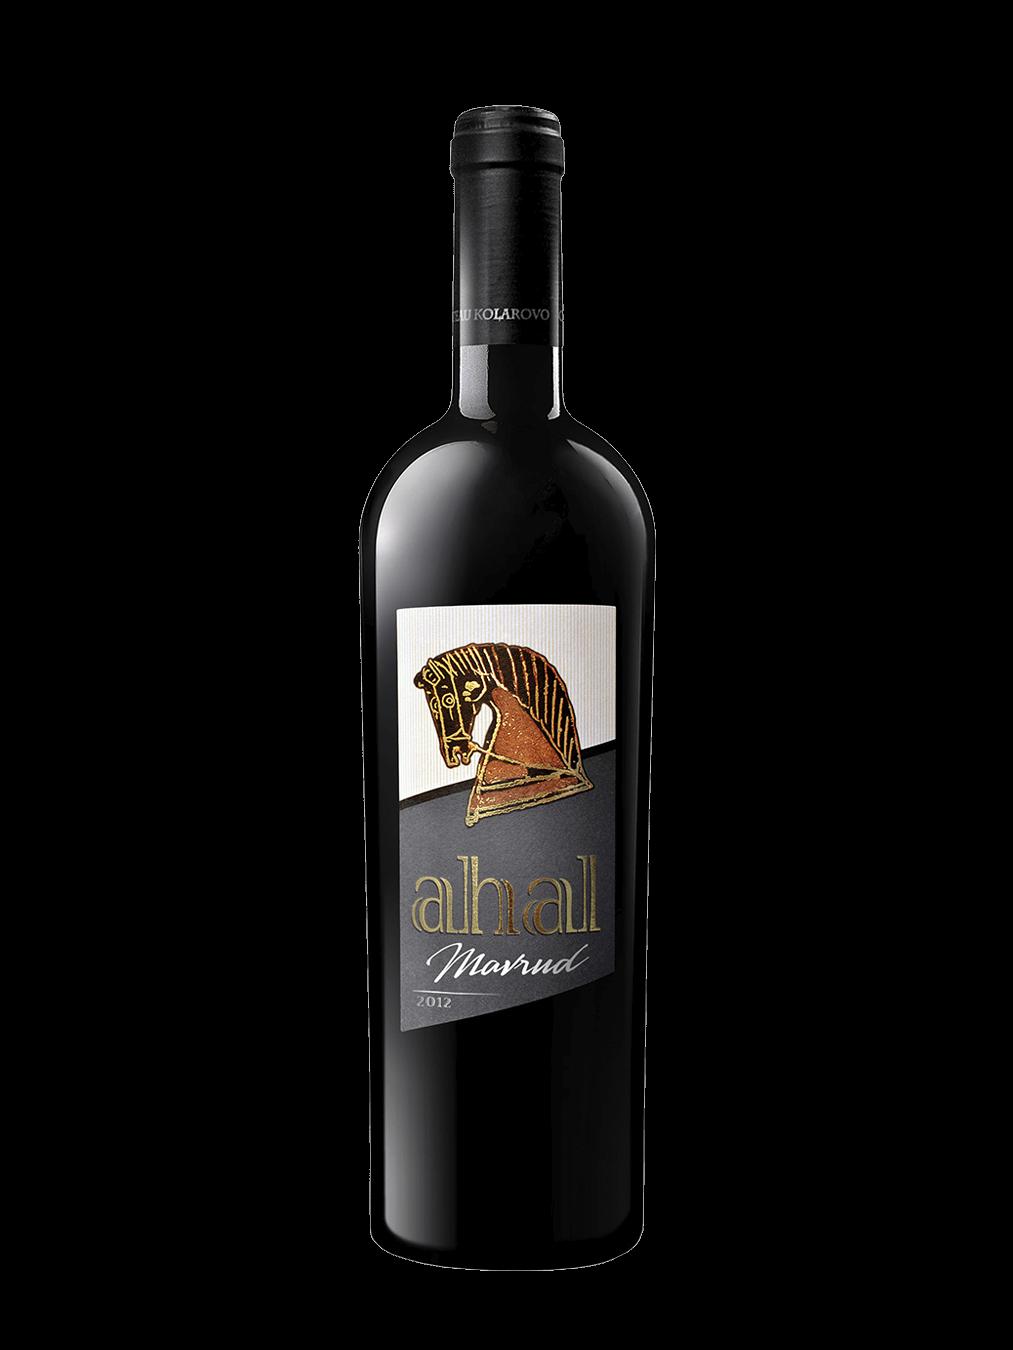 Вино Мавруд 2012 от винена серия Ахал на Шато Коларово